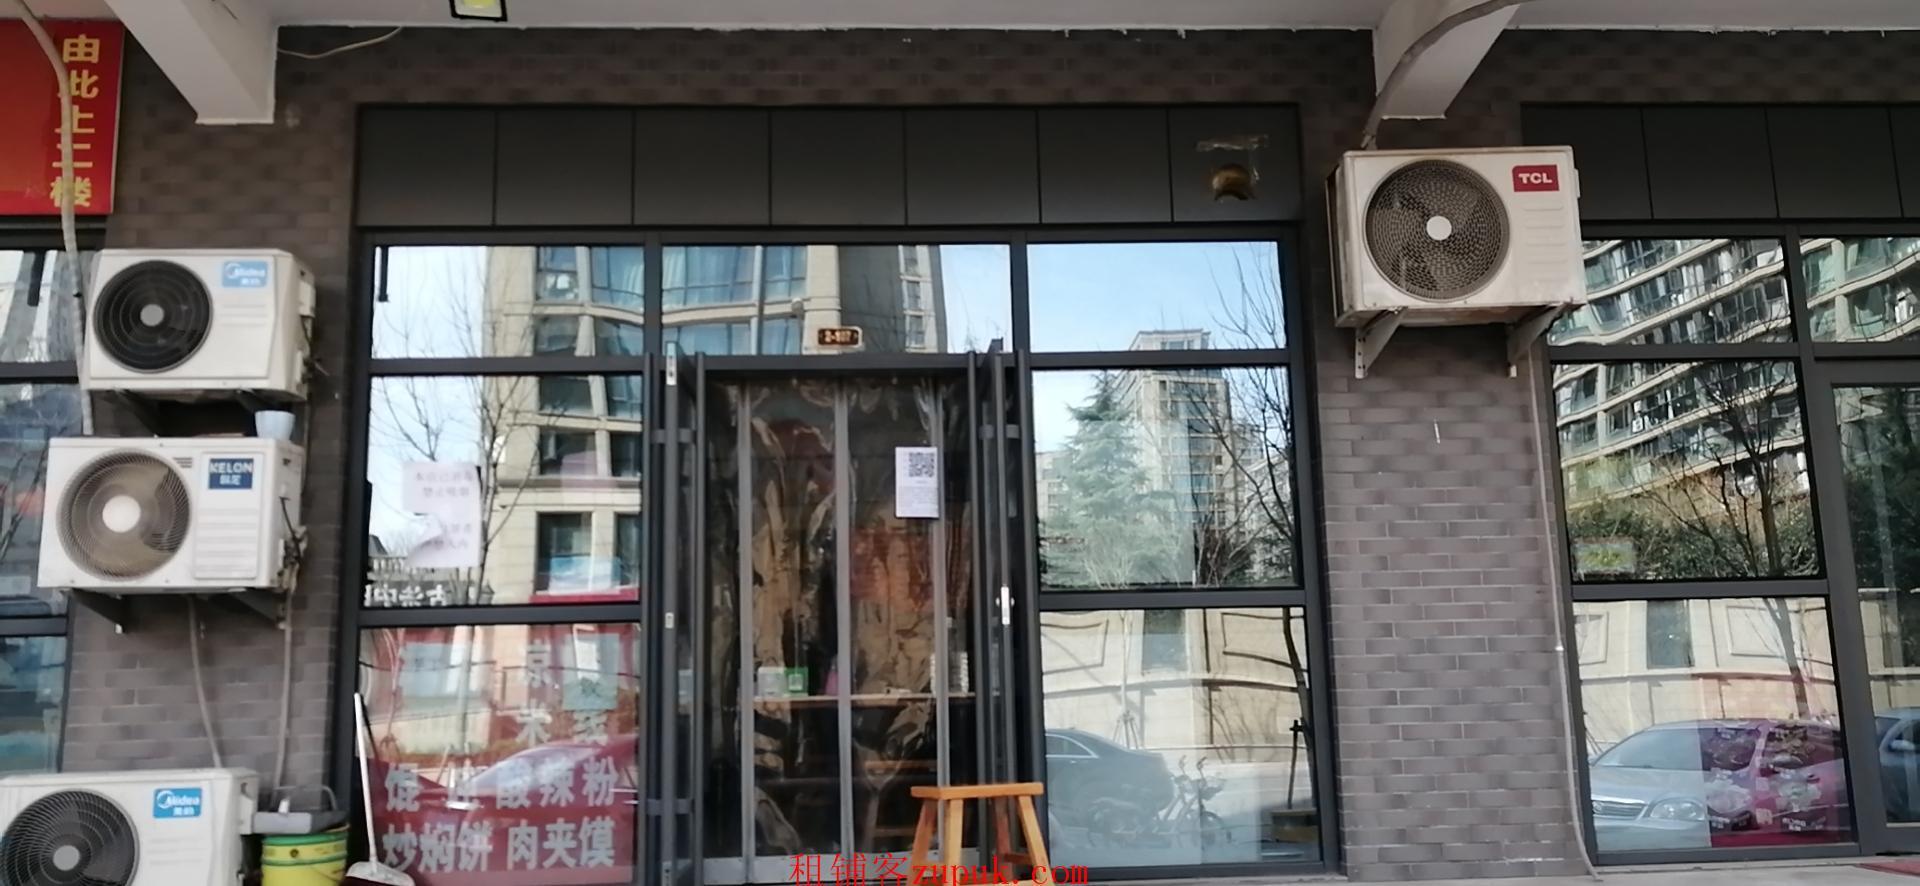 出租淮海东城御景44平米沿街门头房